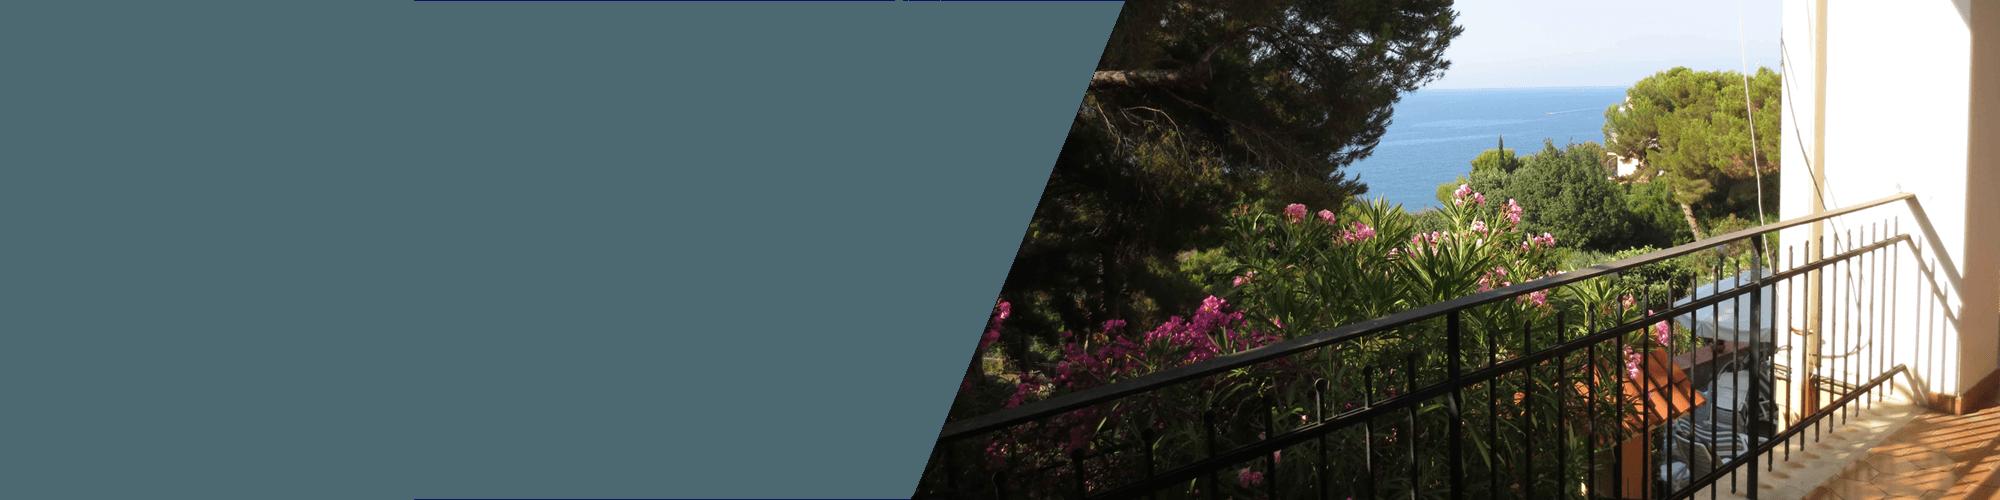 La scena della natura, casa, Torino